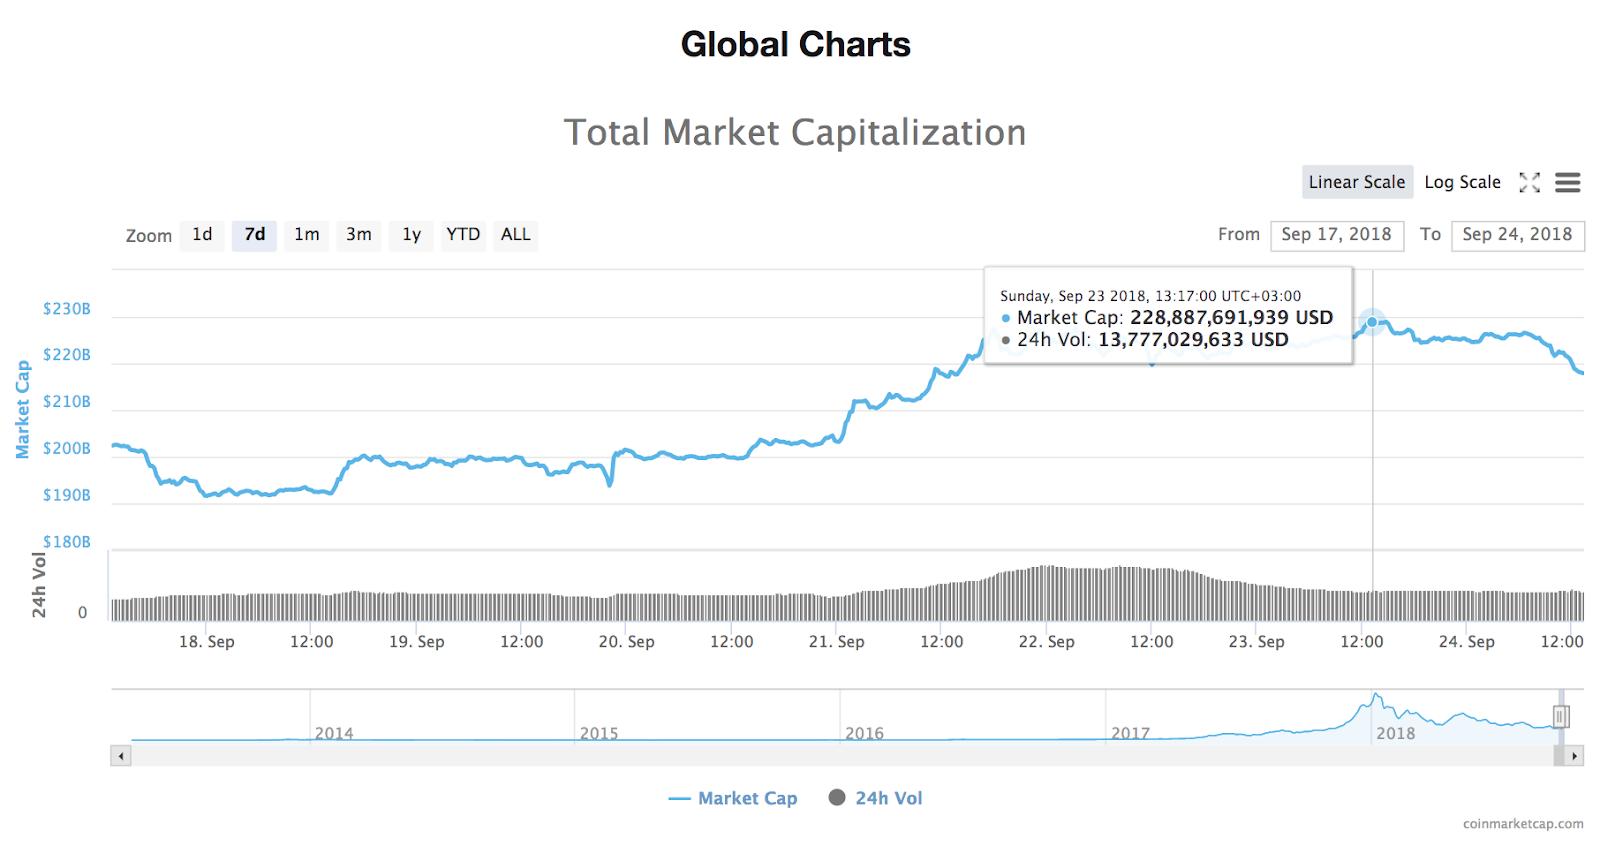 Gráfico de 24 horas de la capitalización de mercado total de todas las criptomonedas